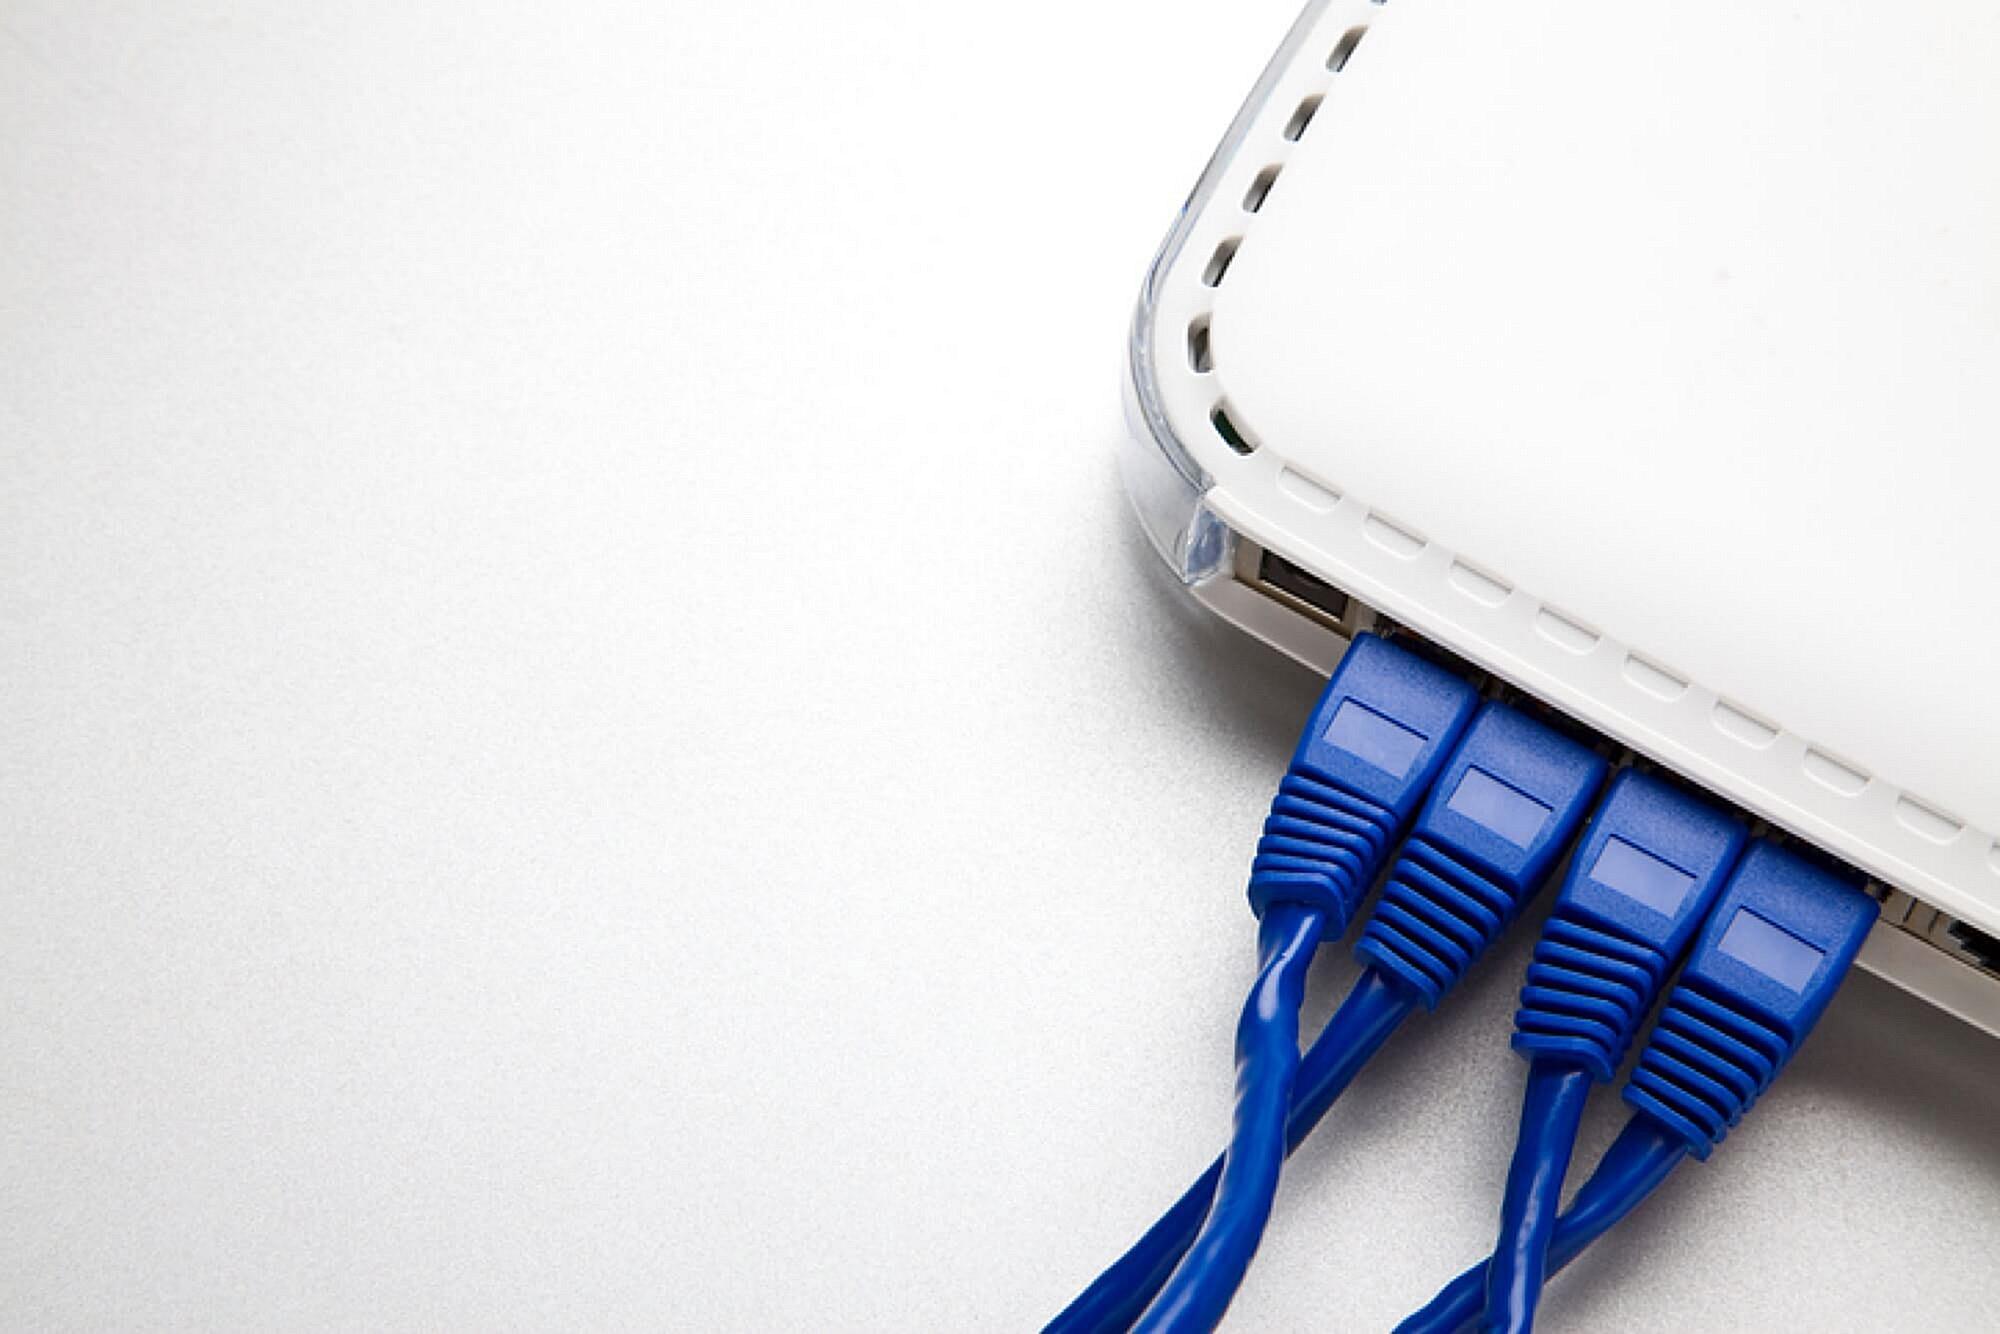 A cable modem box